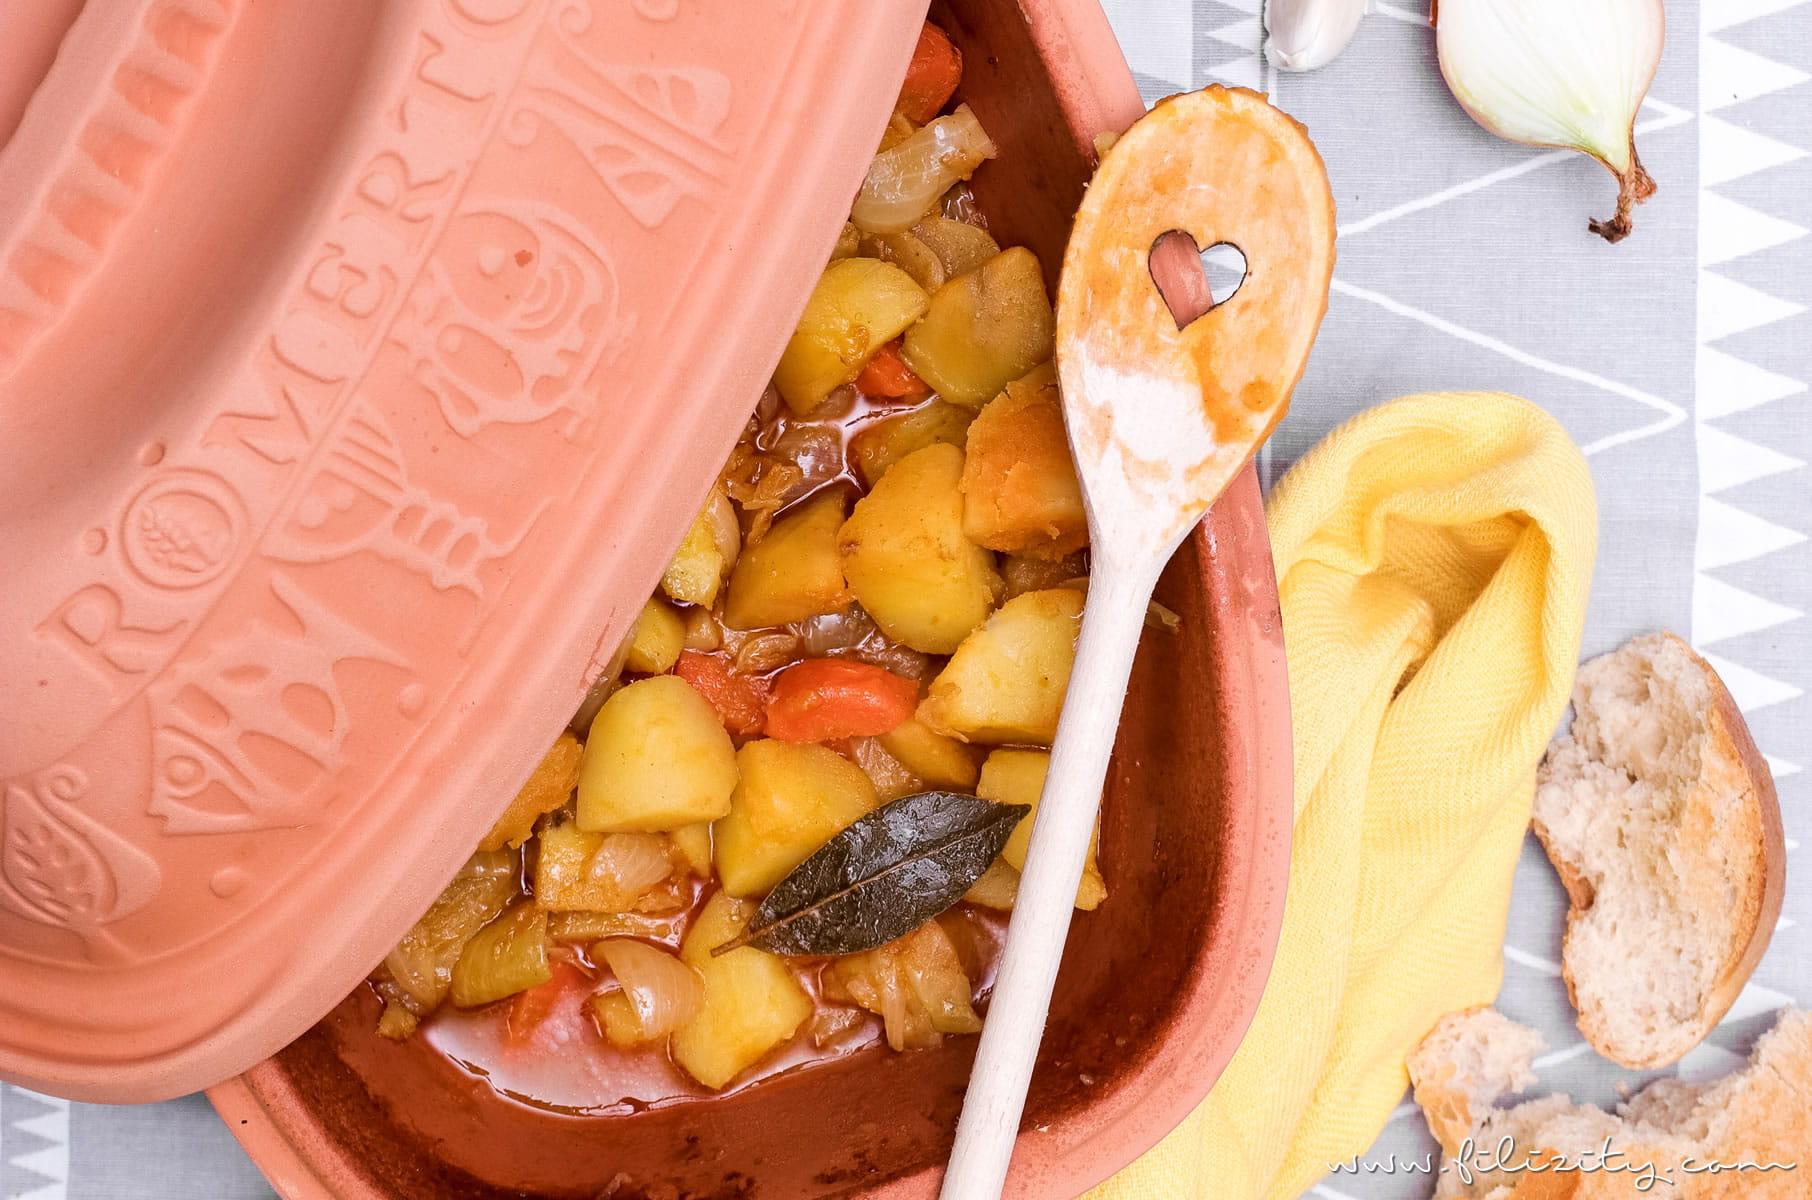 Rezept für unglaublich leckeren (veganen) Kartoffelgulasch aus dem Römertopf | Filizity.com | Food-Blog aus dem Rheinland #römertopf #vegan #gulasch